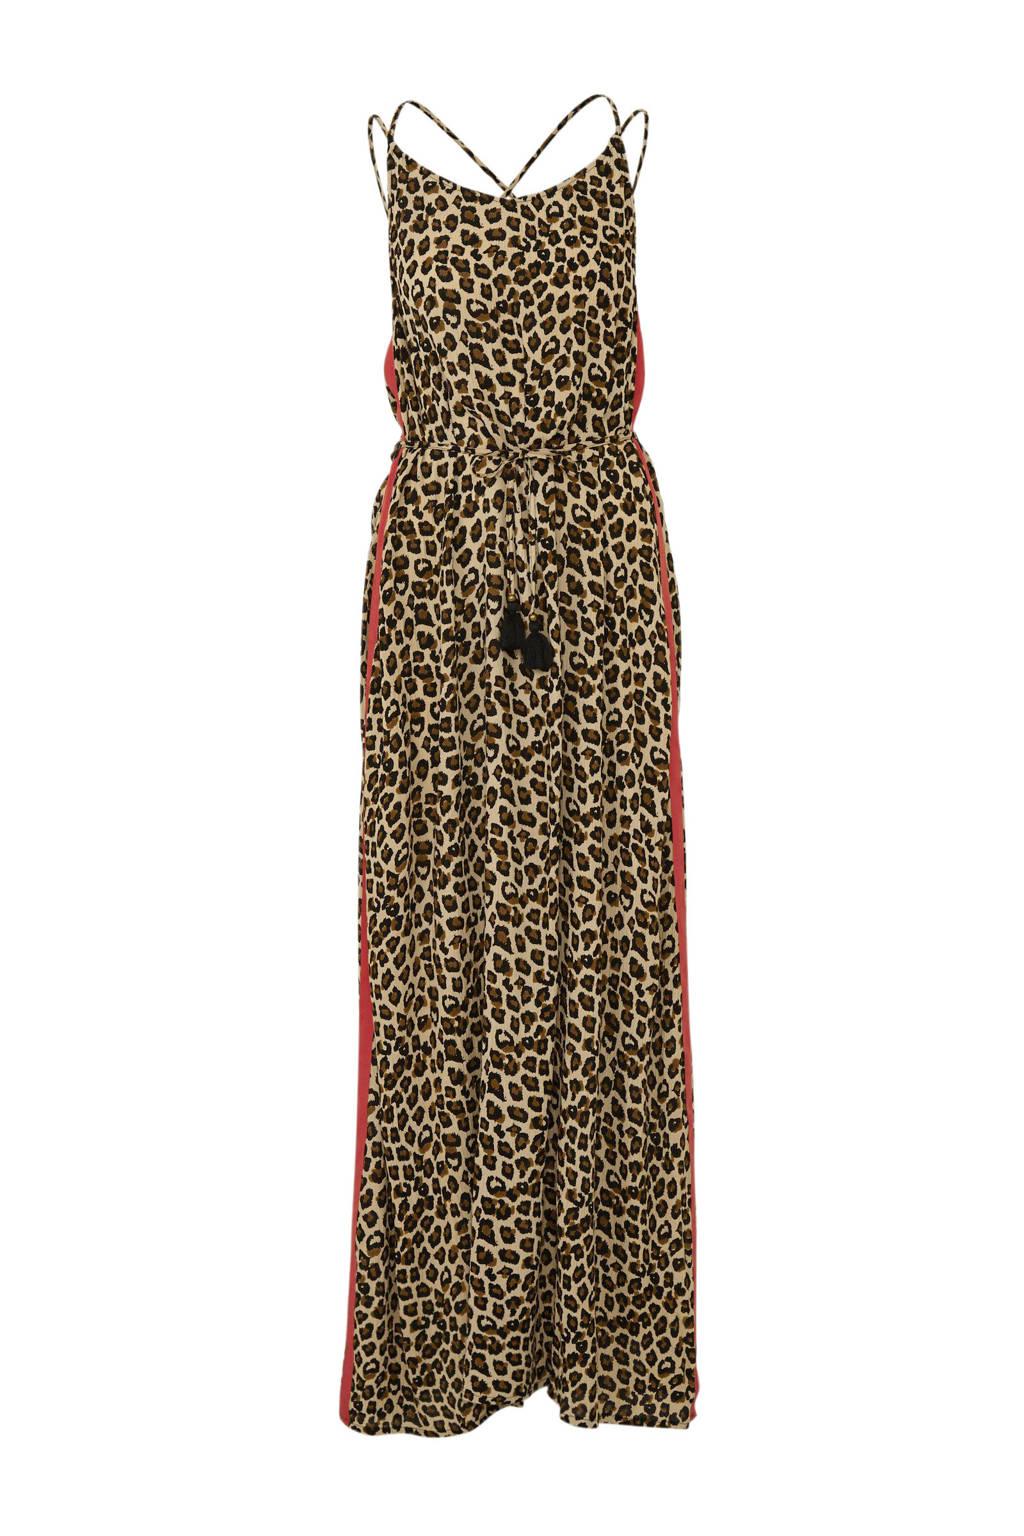 whkmp's beachwave maxi jurk met panterprint en zijstreep, Bruin/Zwart/Rood